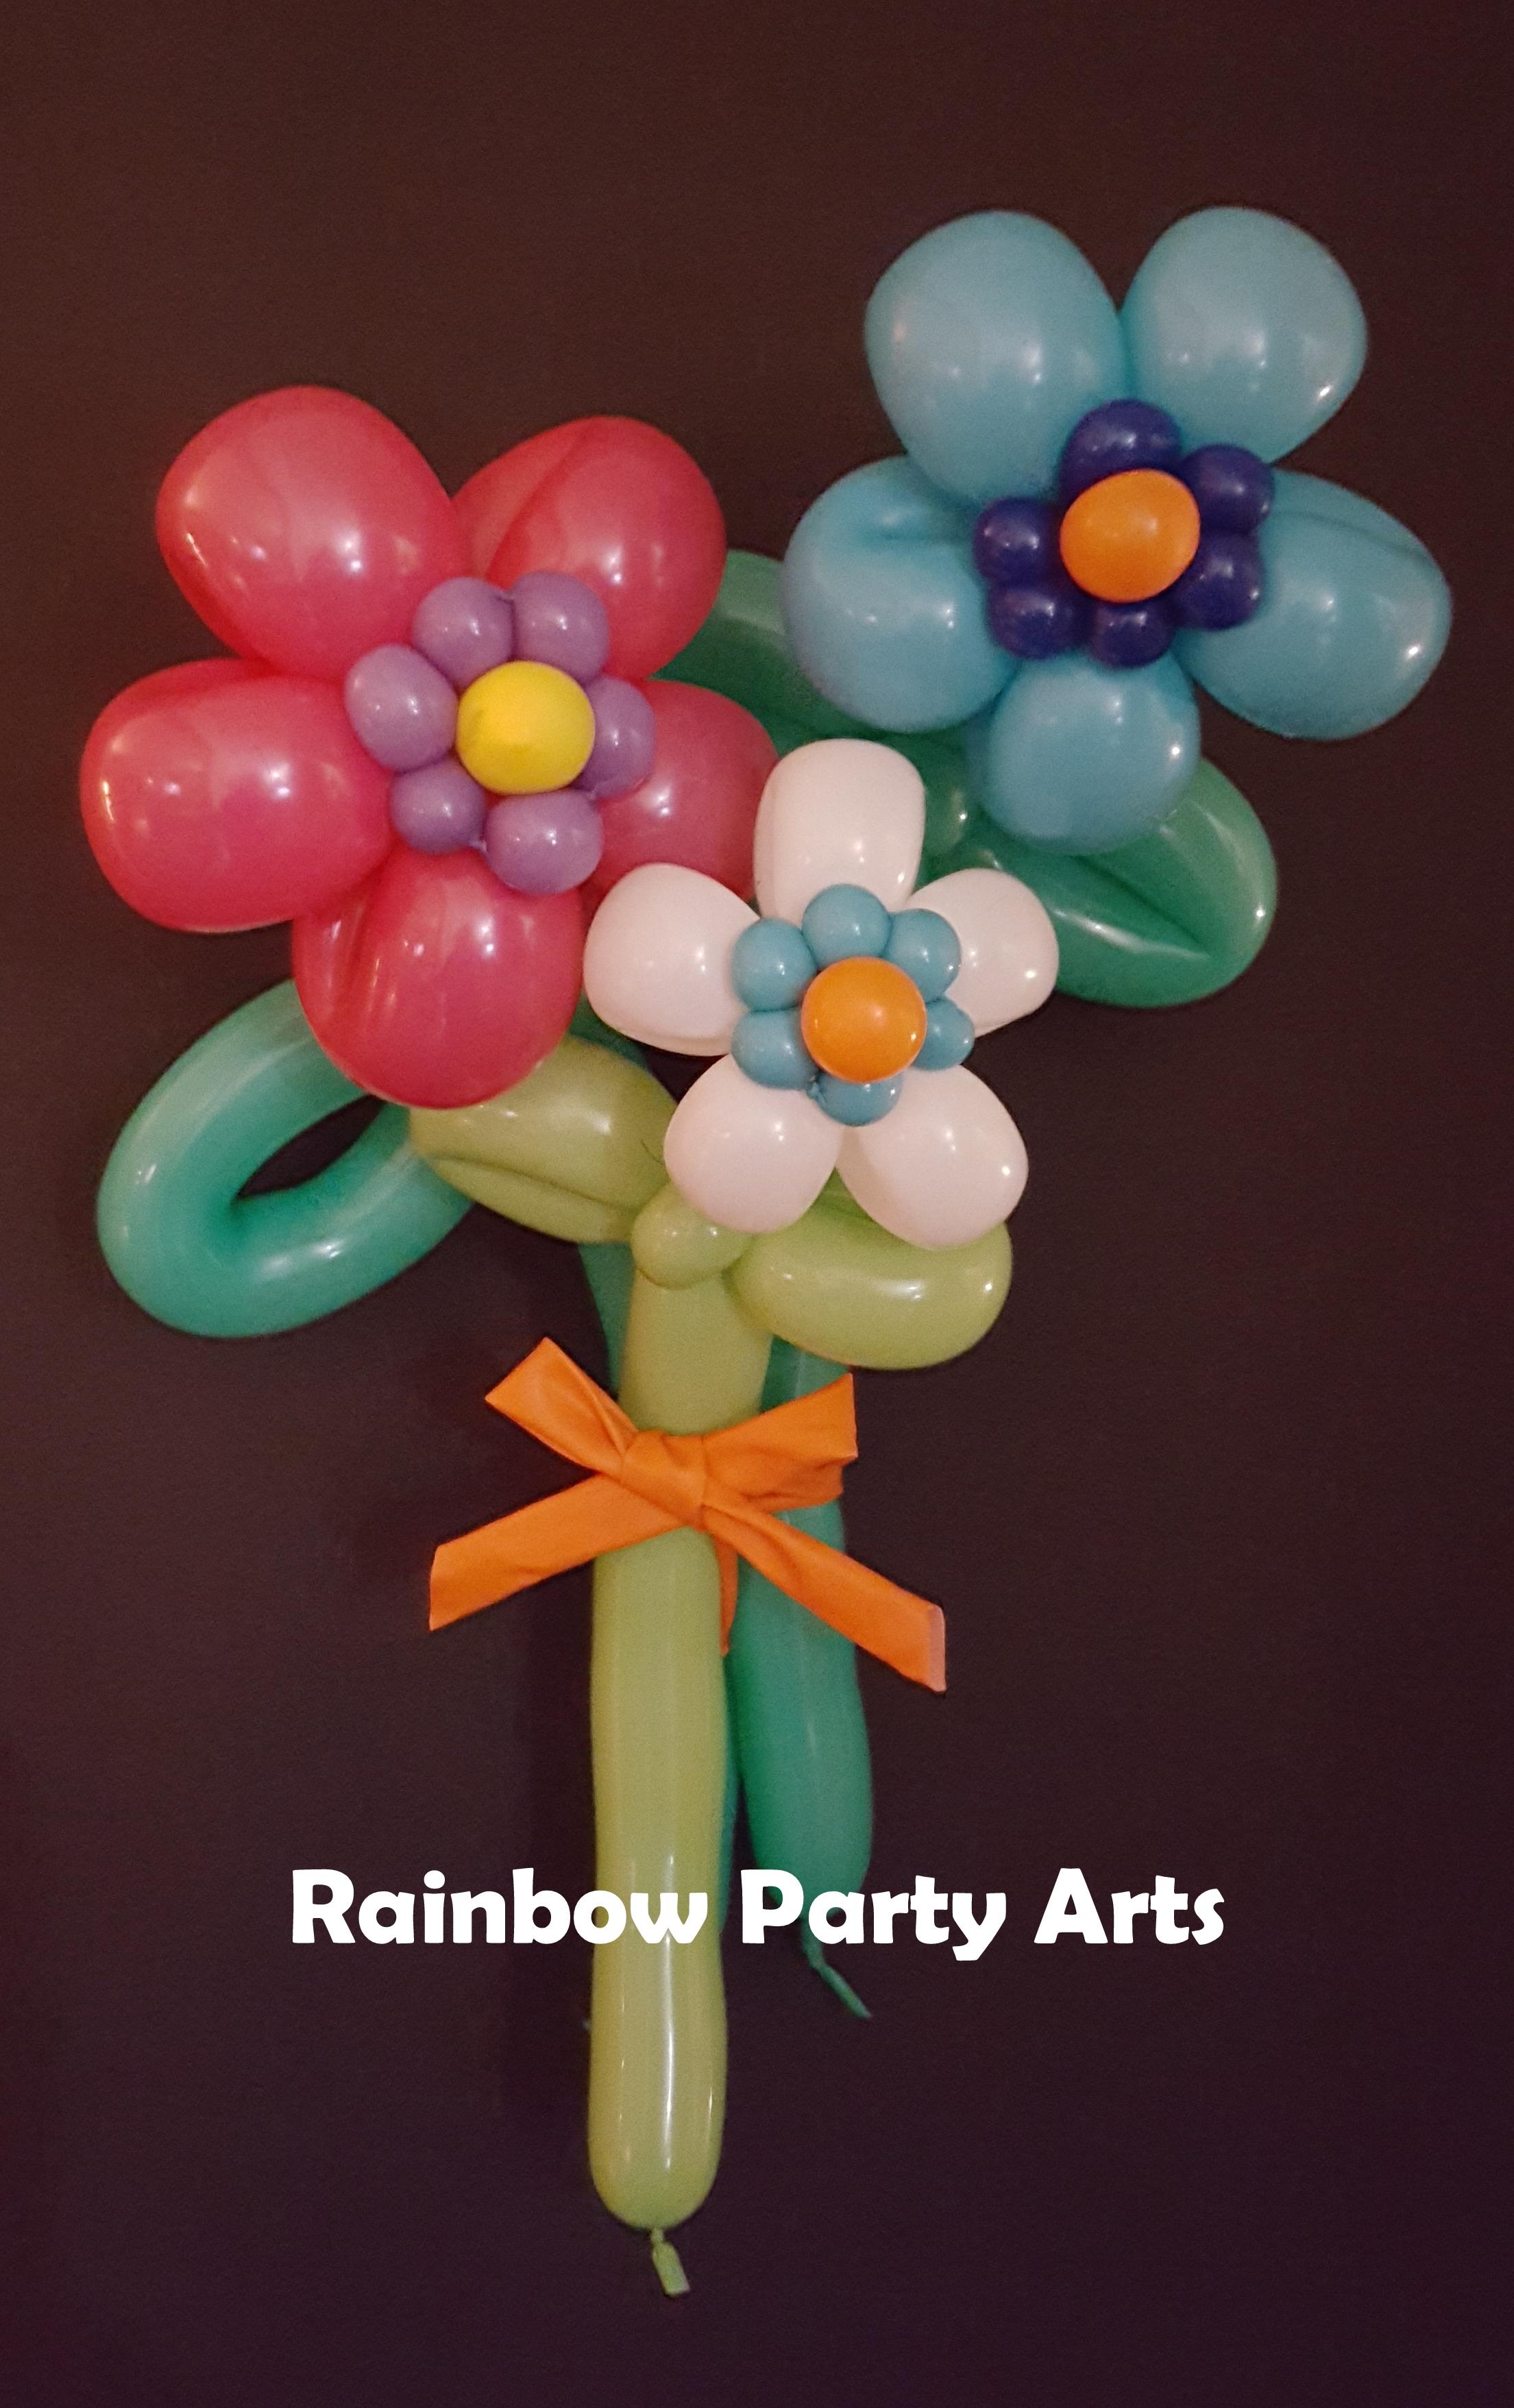 Flower boquet balloons